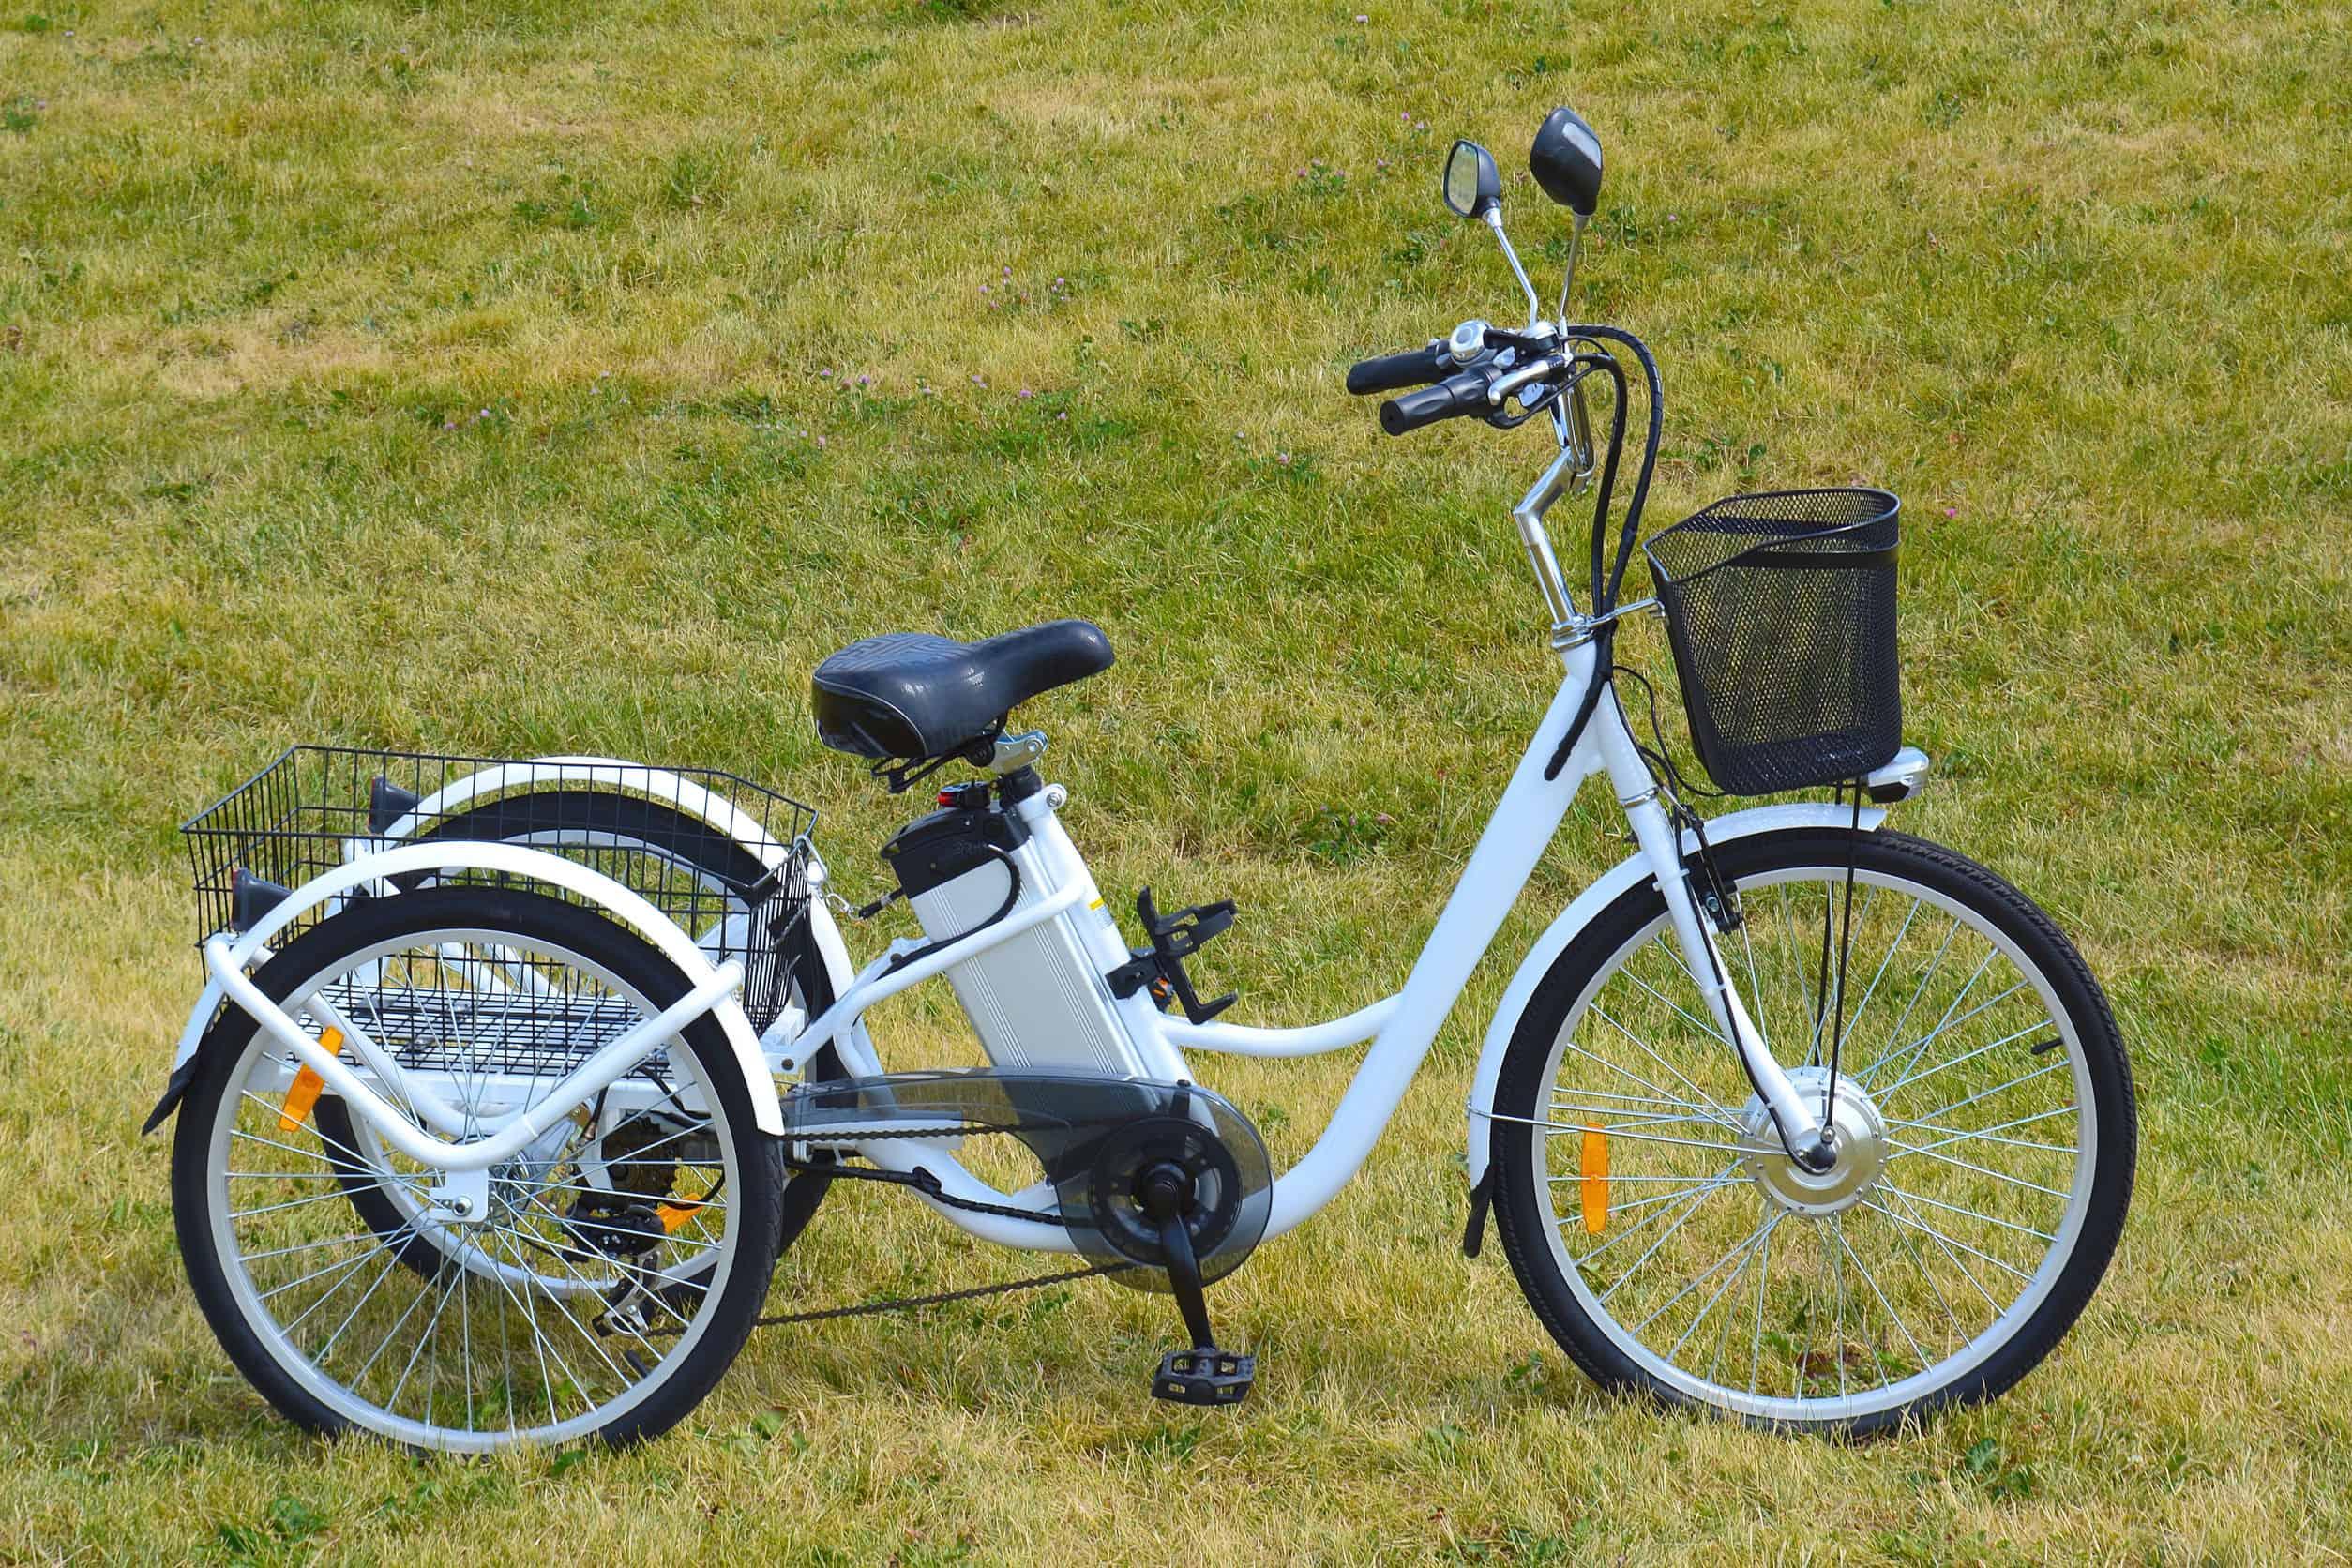 elektrische fiets in het open veld